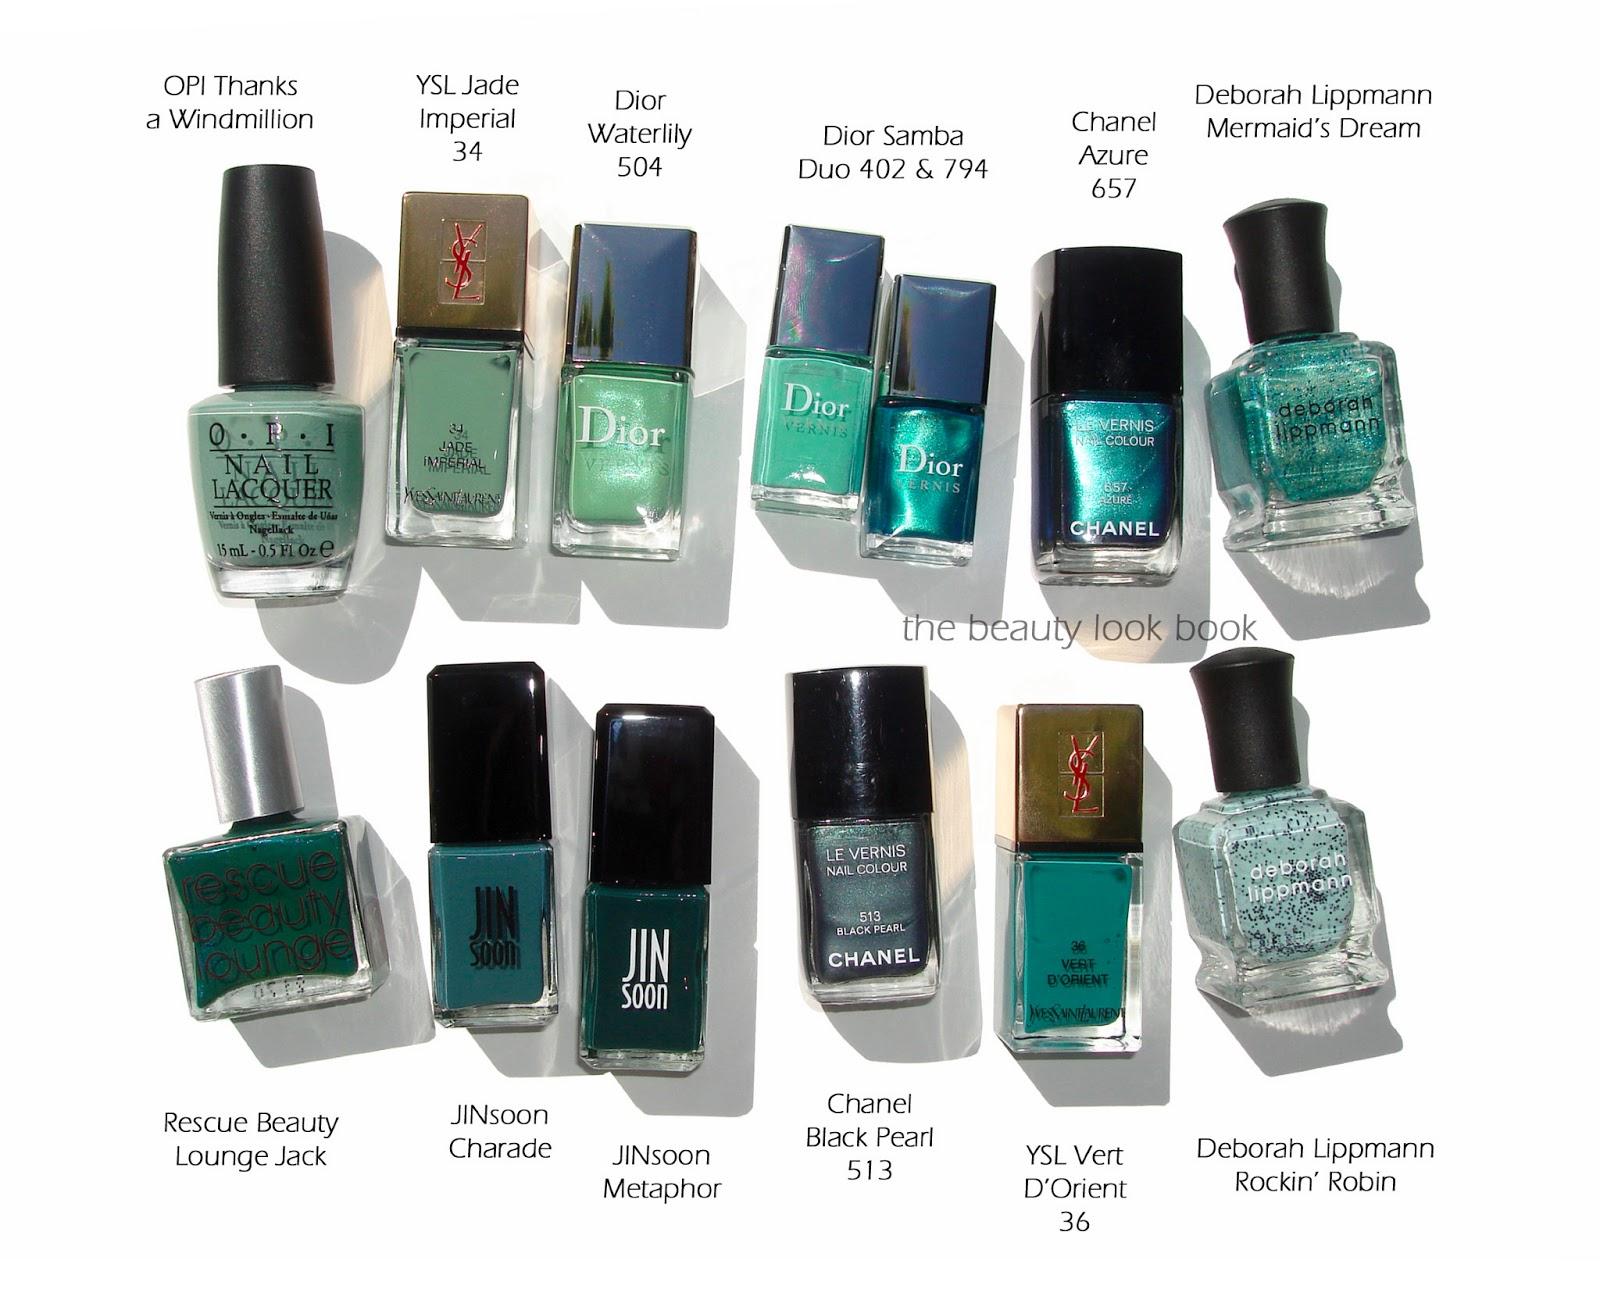 Color Focus: Emerald, Aqua, Green and Teal